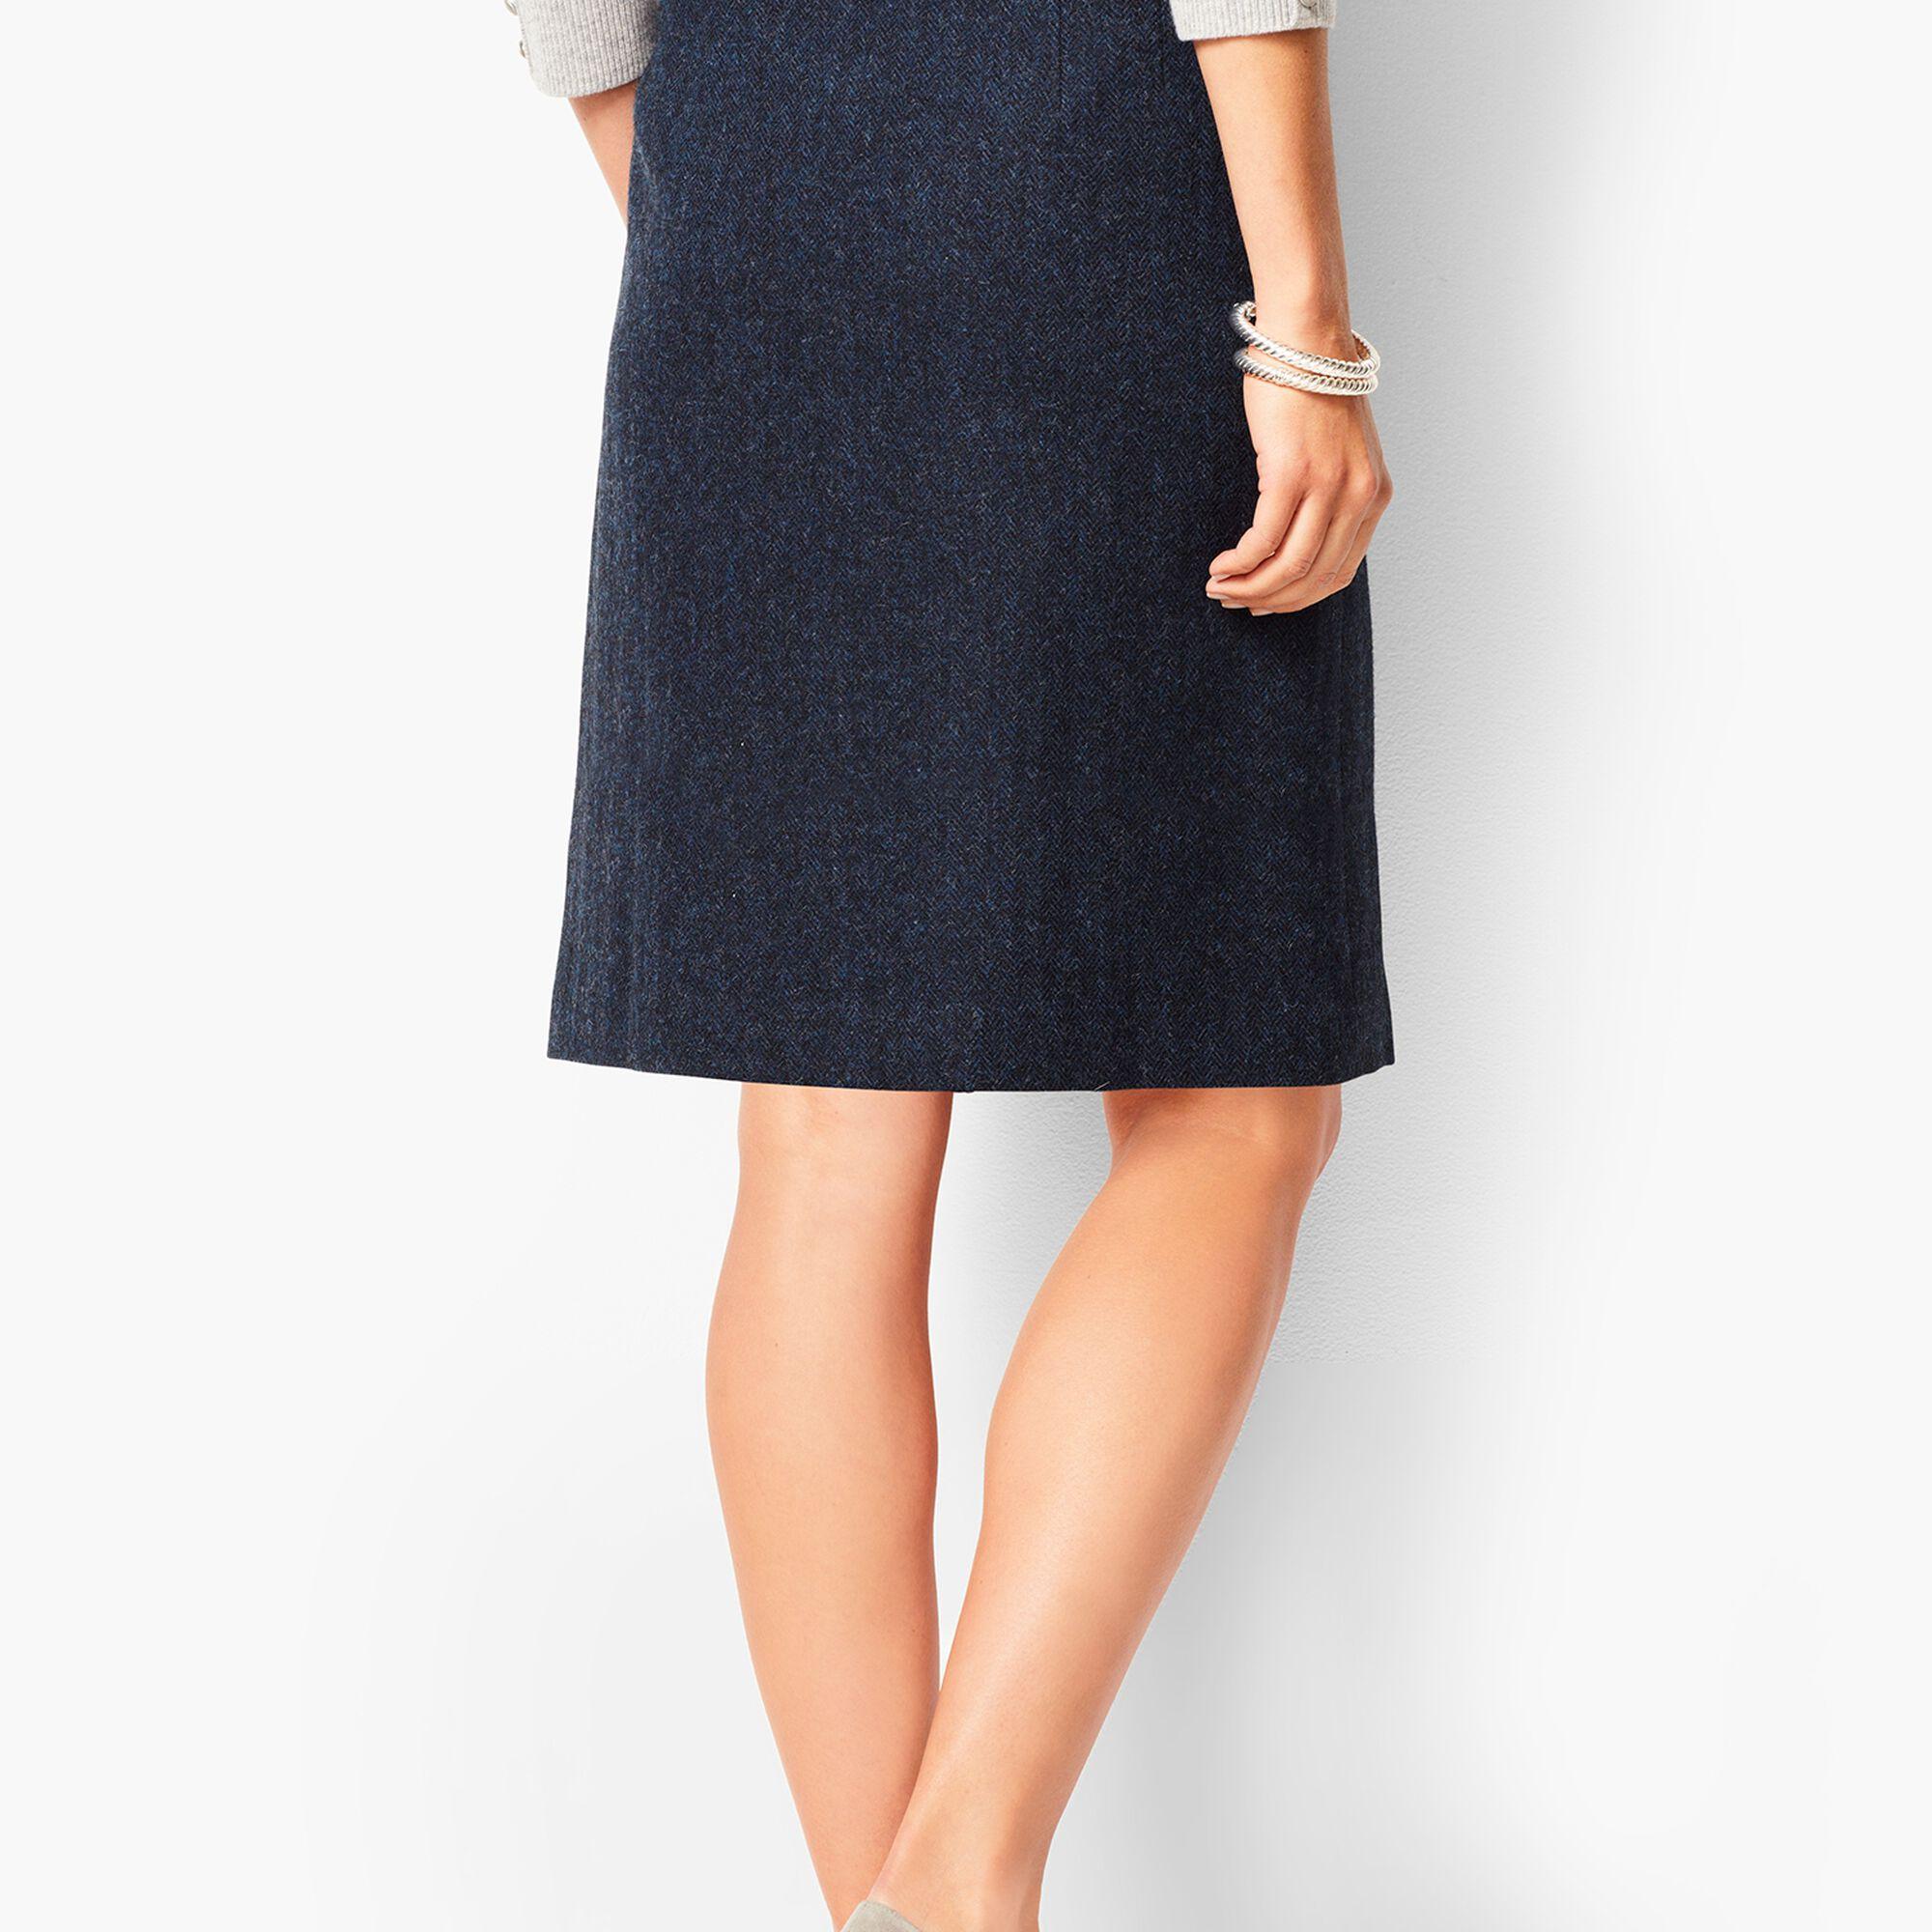 1521db6b5c9a0 Twill A-Line Skirt